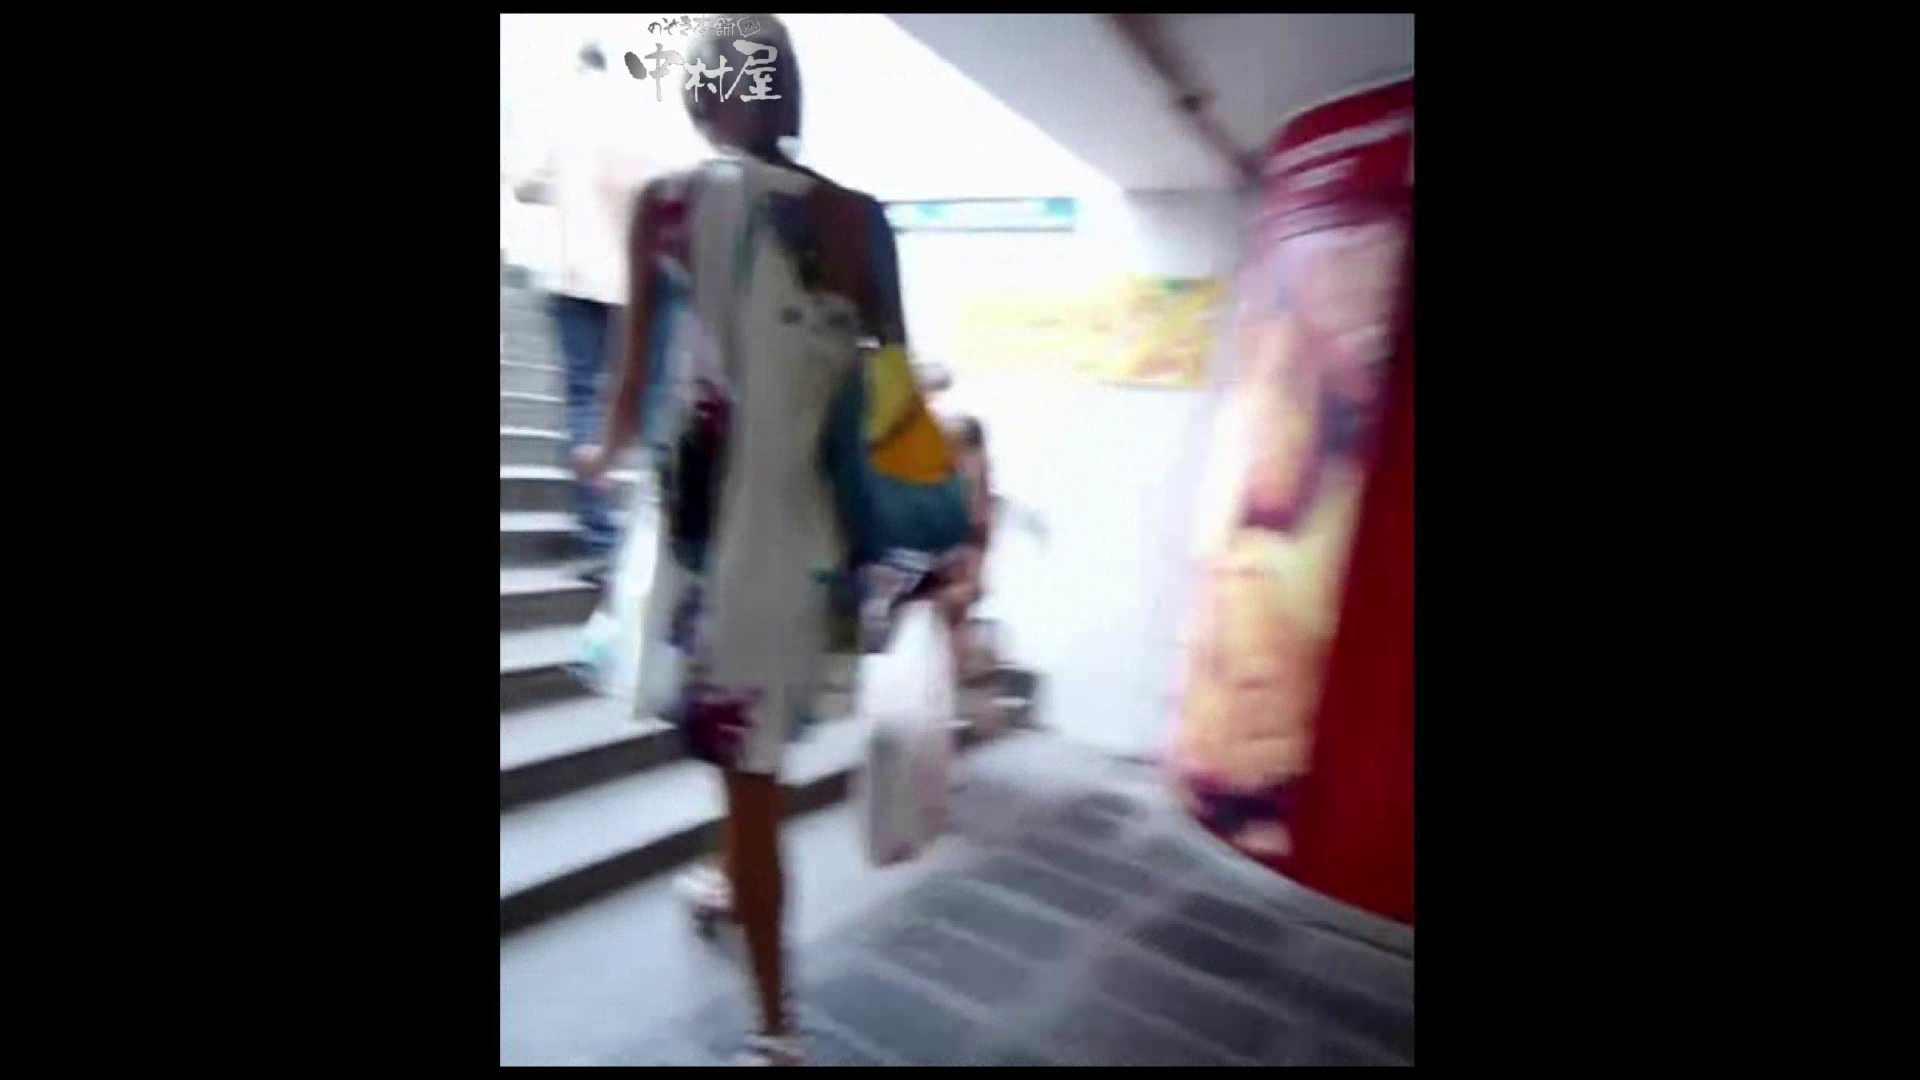 綺麗なモデルさんのスカート捲っちゃおう‼ vol29 エロいお姉さん  10枚 10